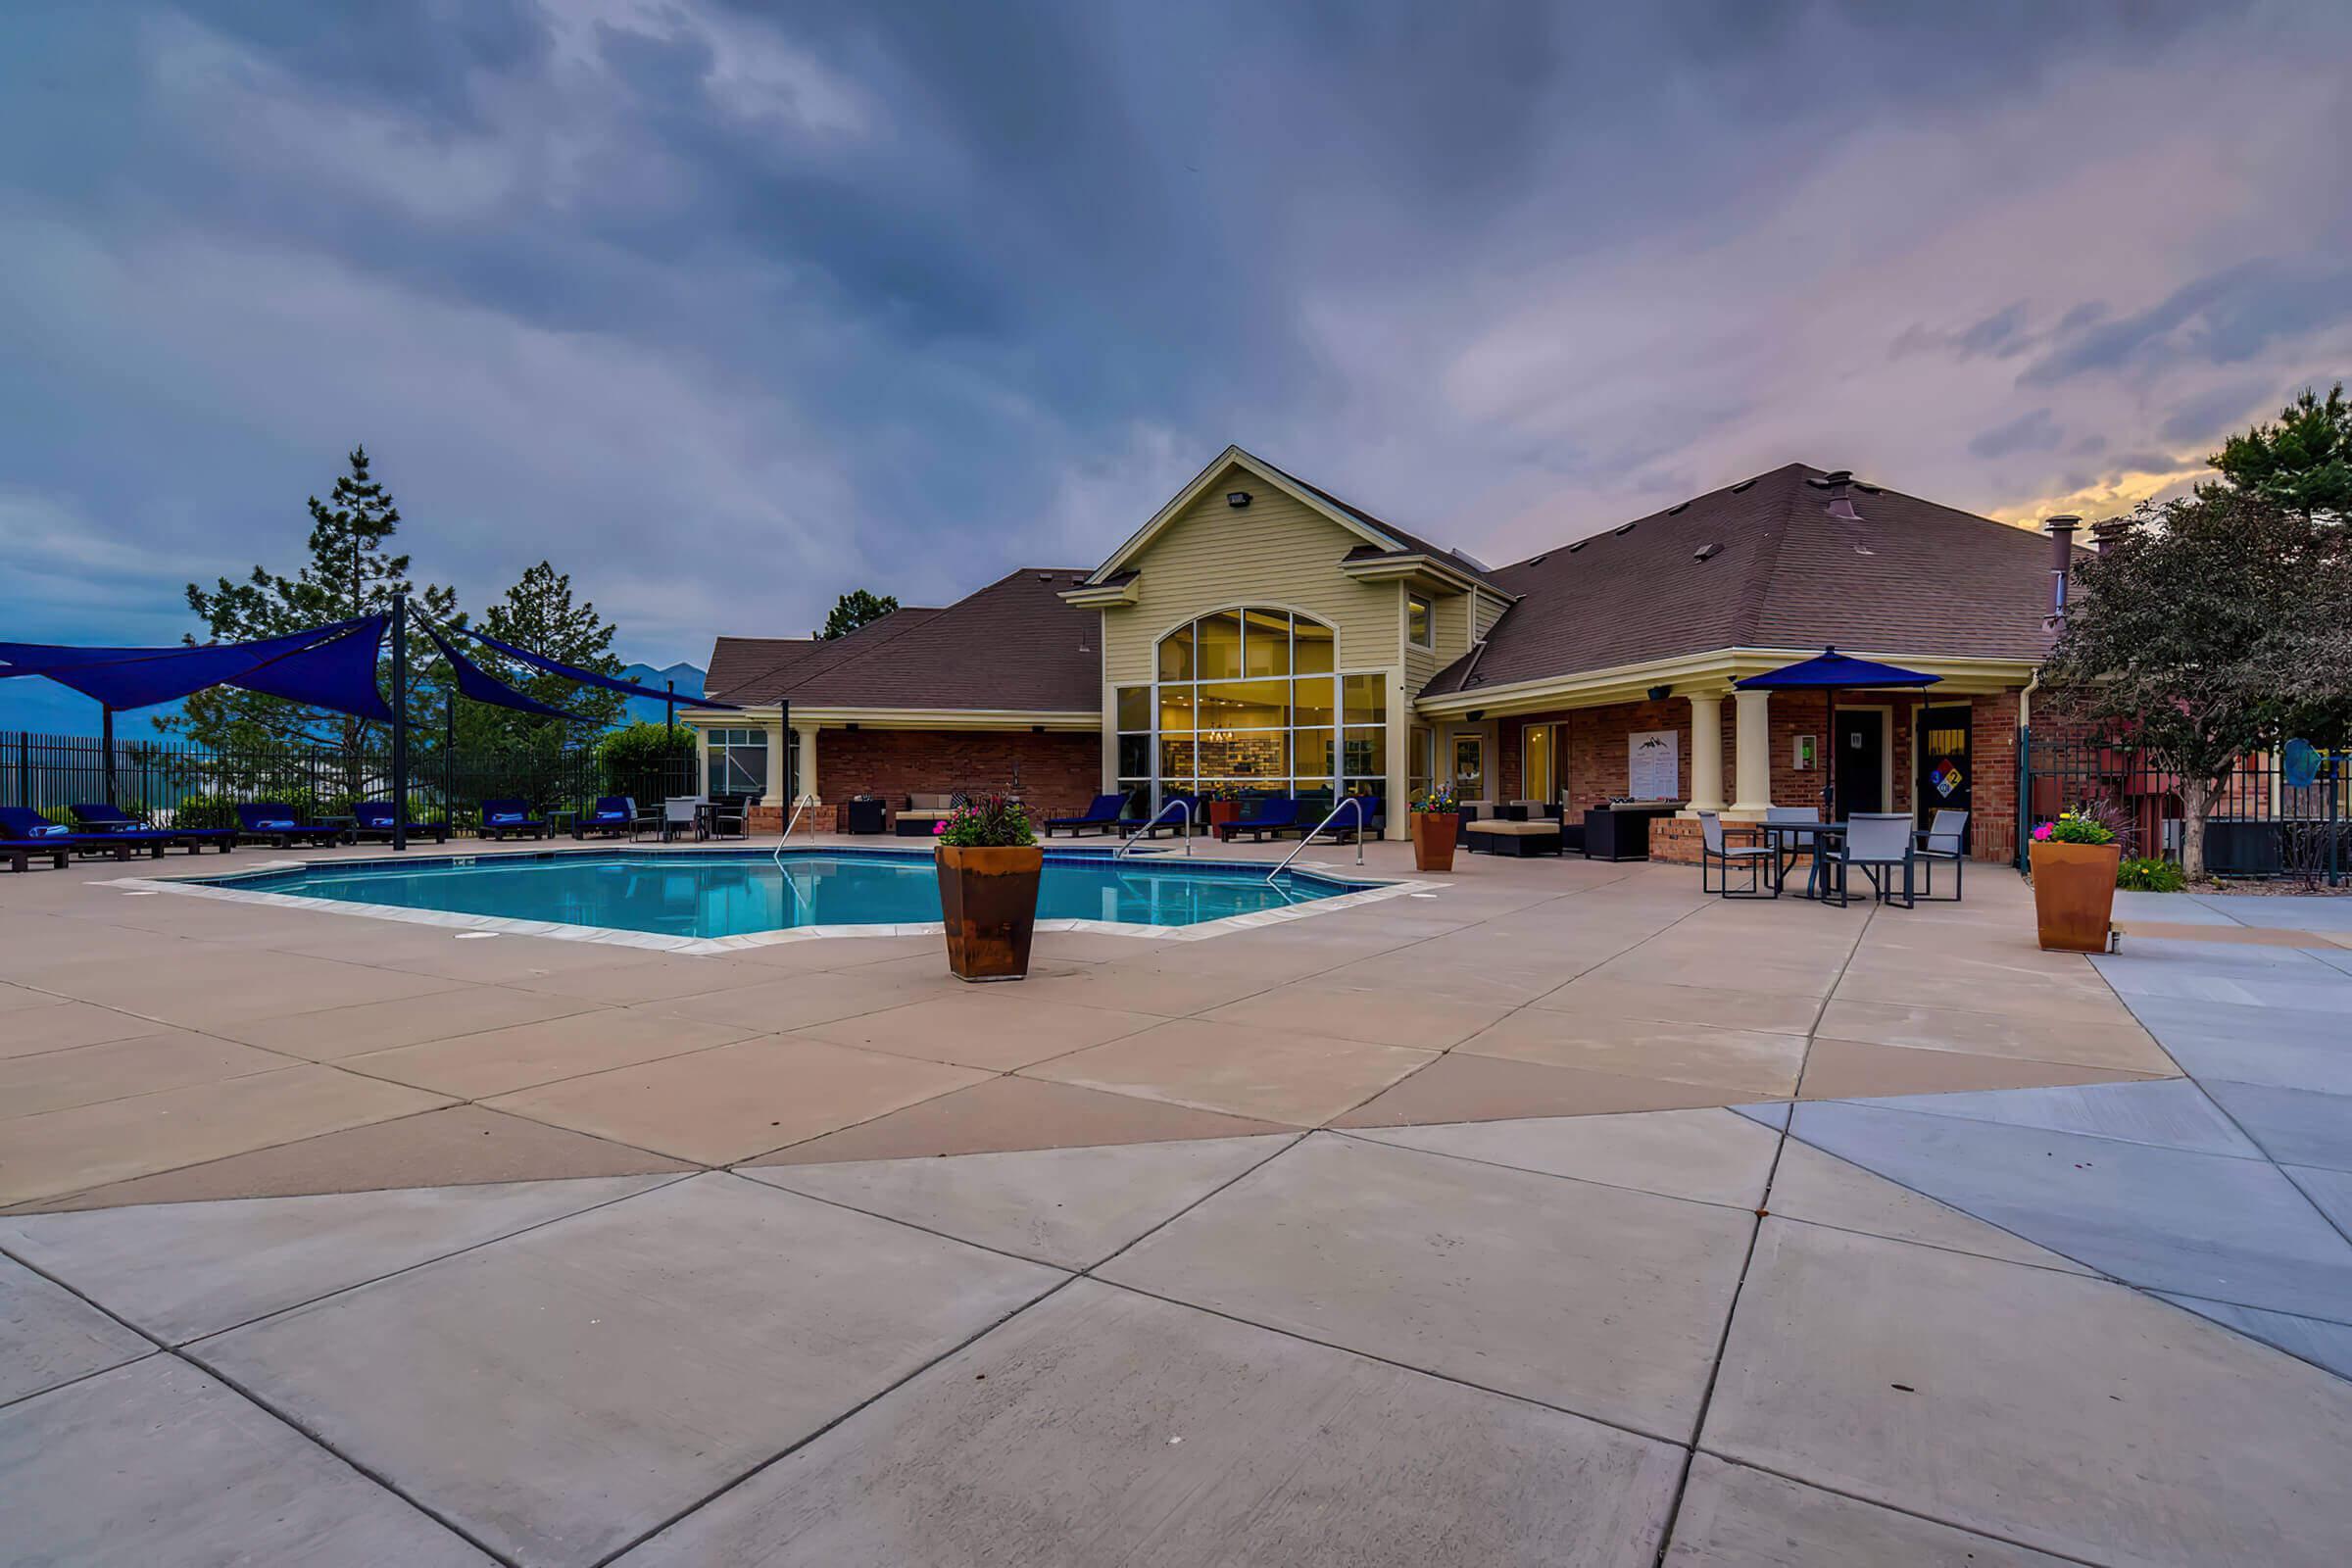 13631 Shepard Hts Colorado Springs CO - Web Quality - 027 - 28 Pool.jpg